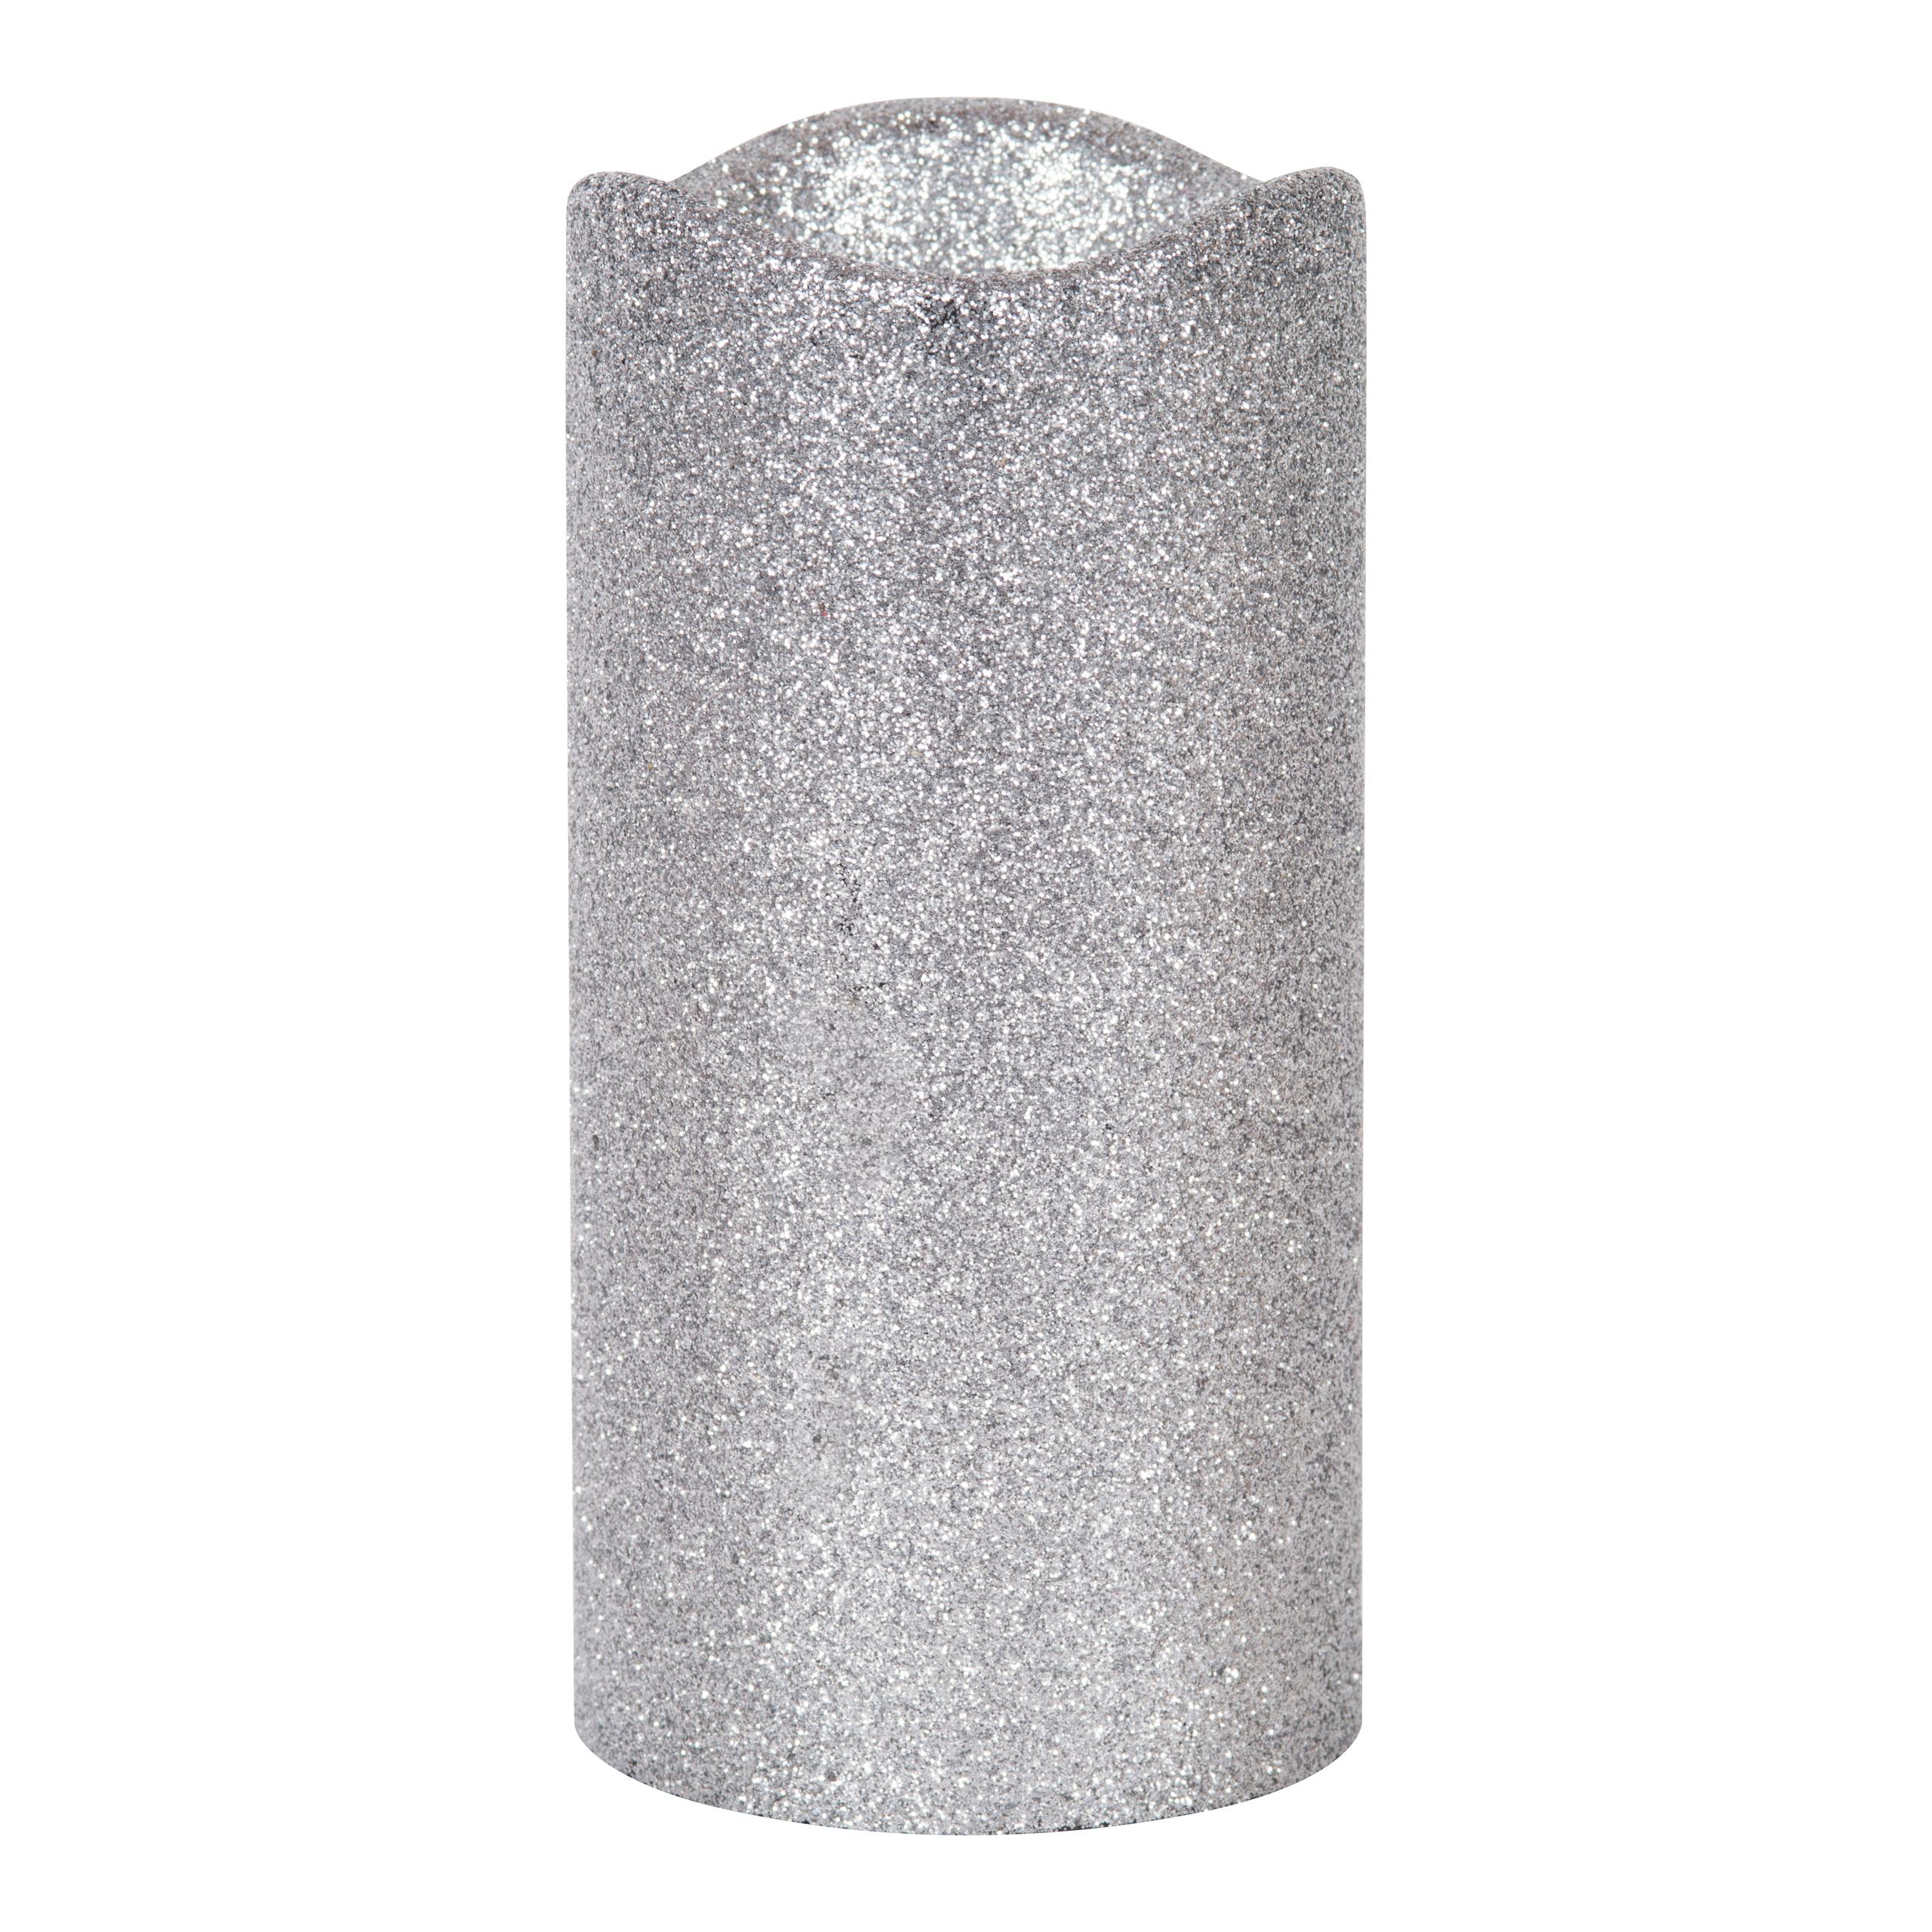 LED KUBBELYS PLAST H15CM SØLV-ELM3032